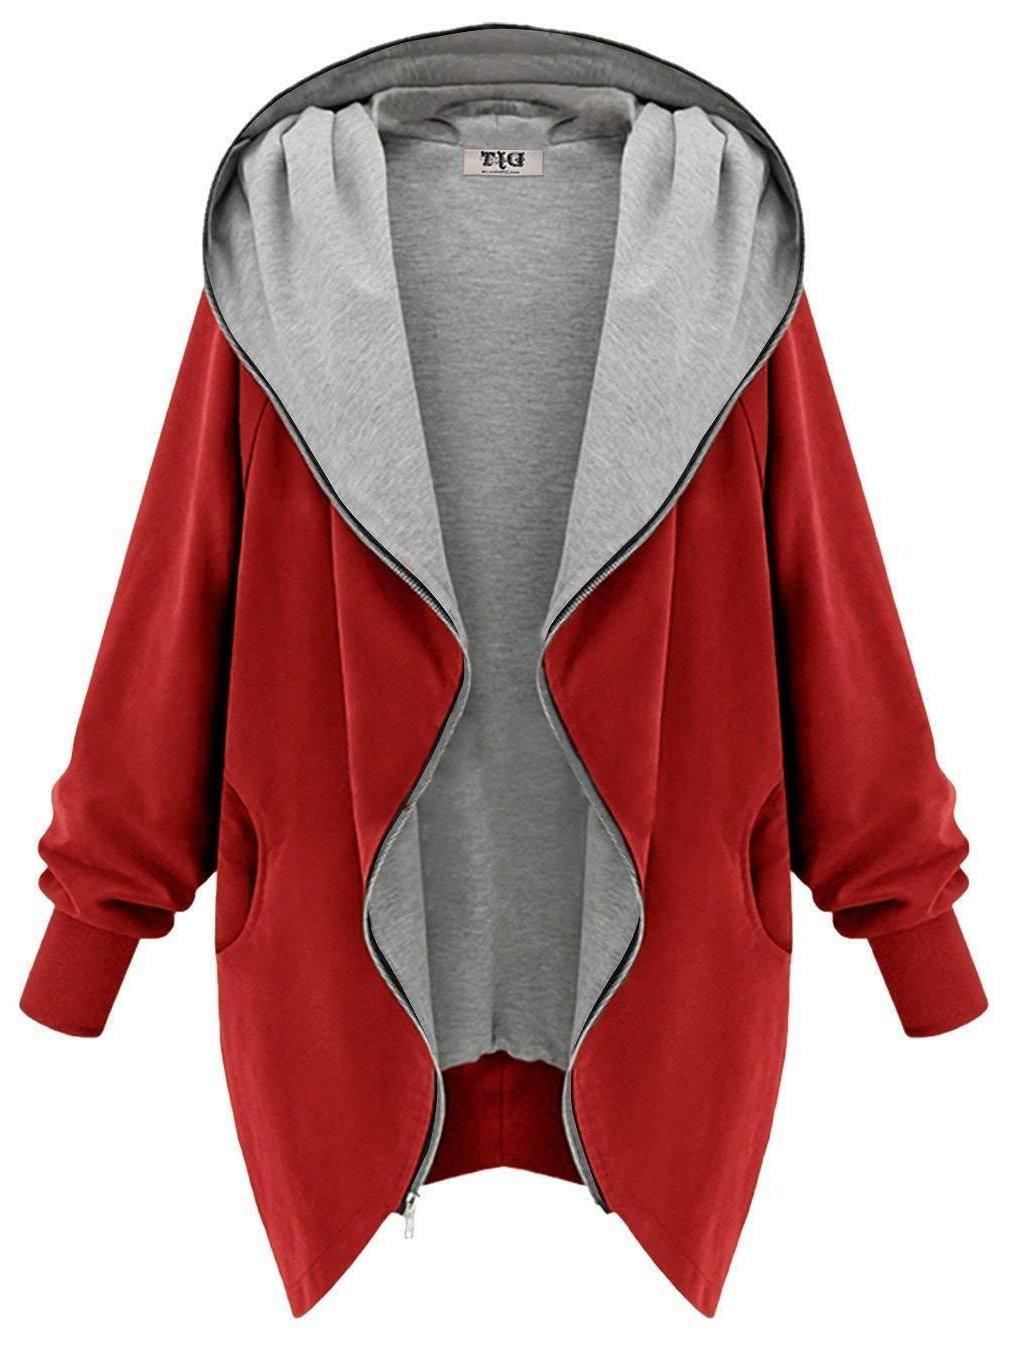 DJT Women's Hooded Zip-up Lightweight Coat Jacket